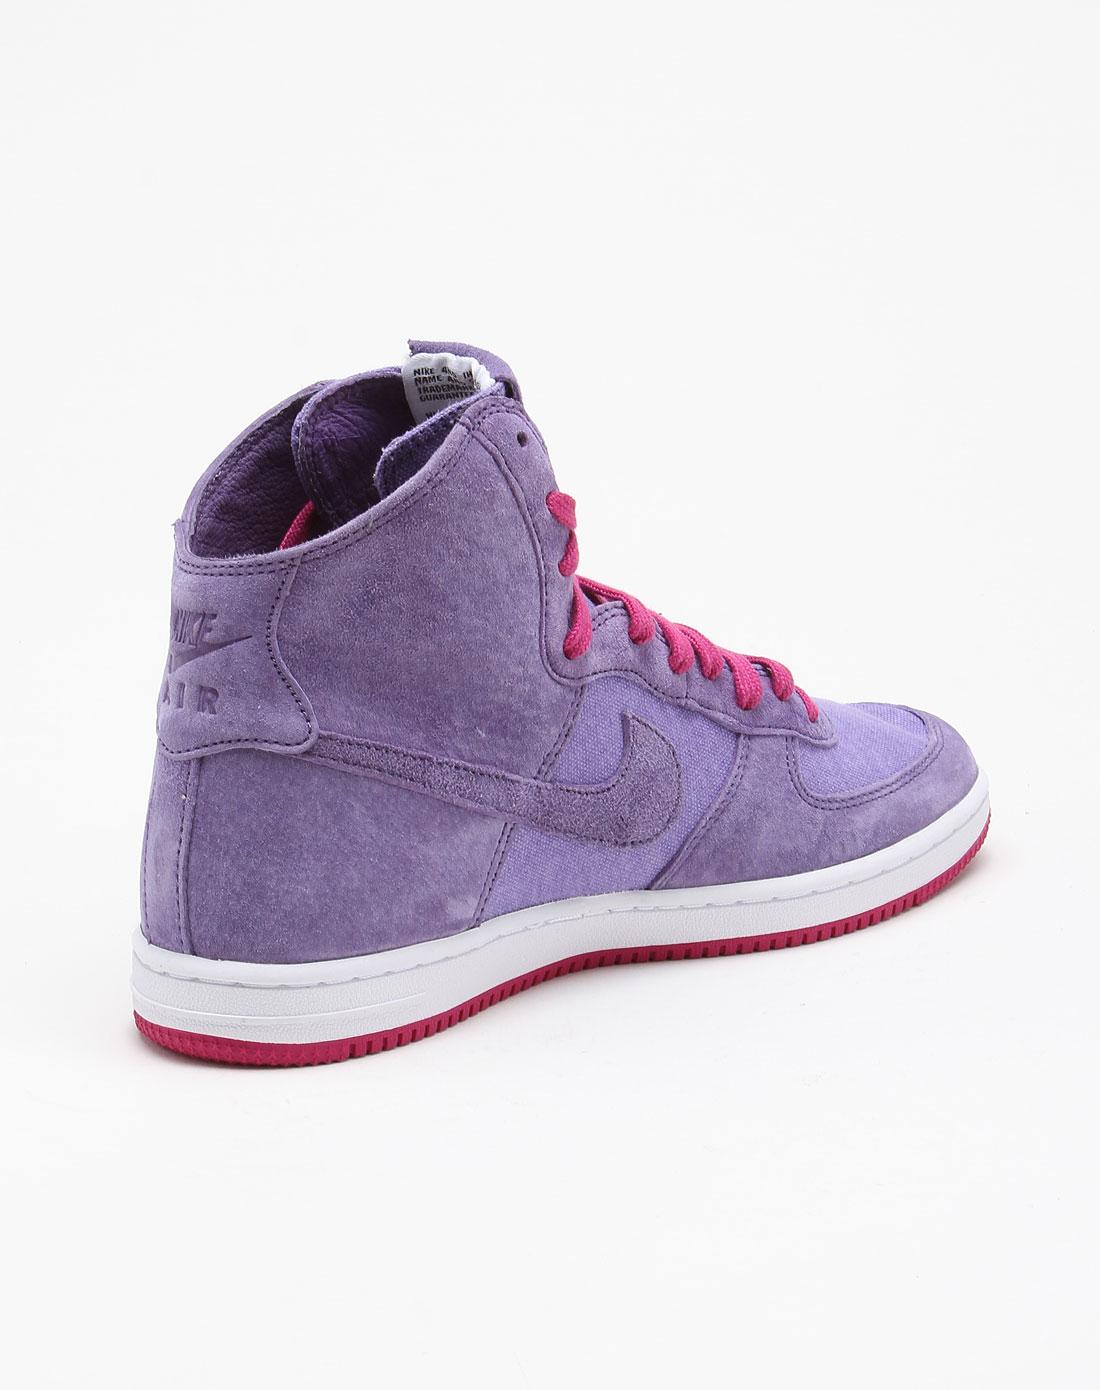 耐克nike紫色百搭帅气运动文化鞋538226-500